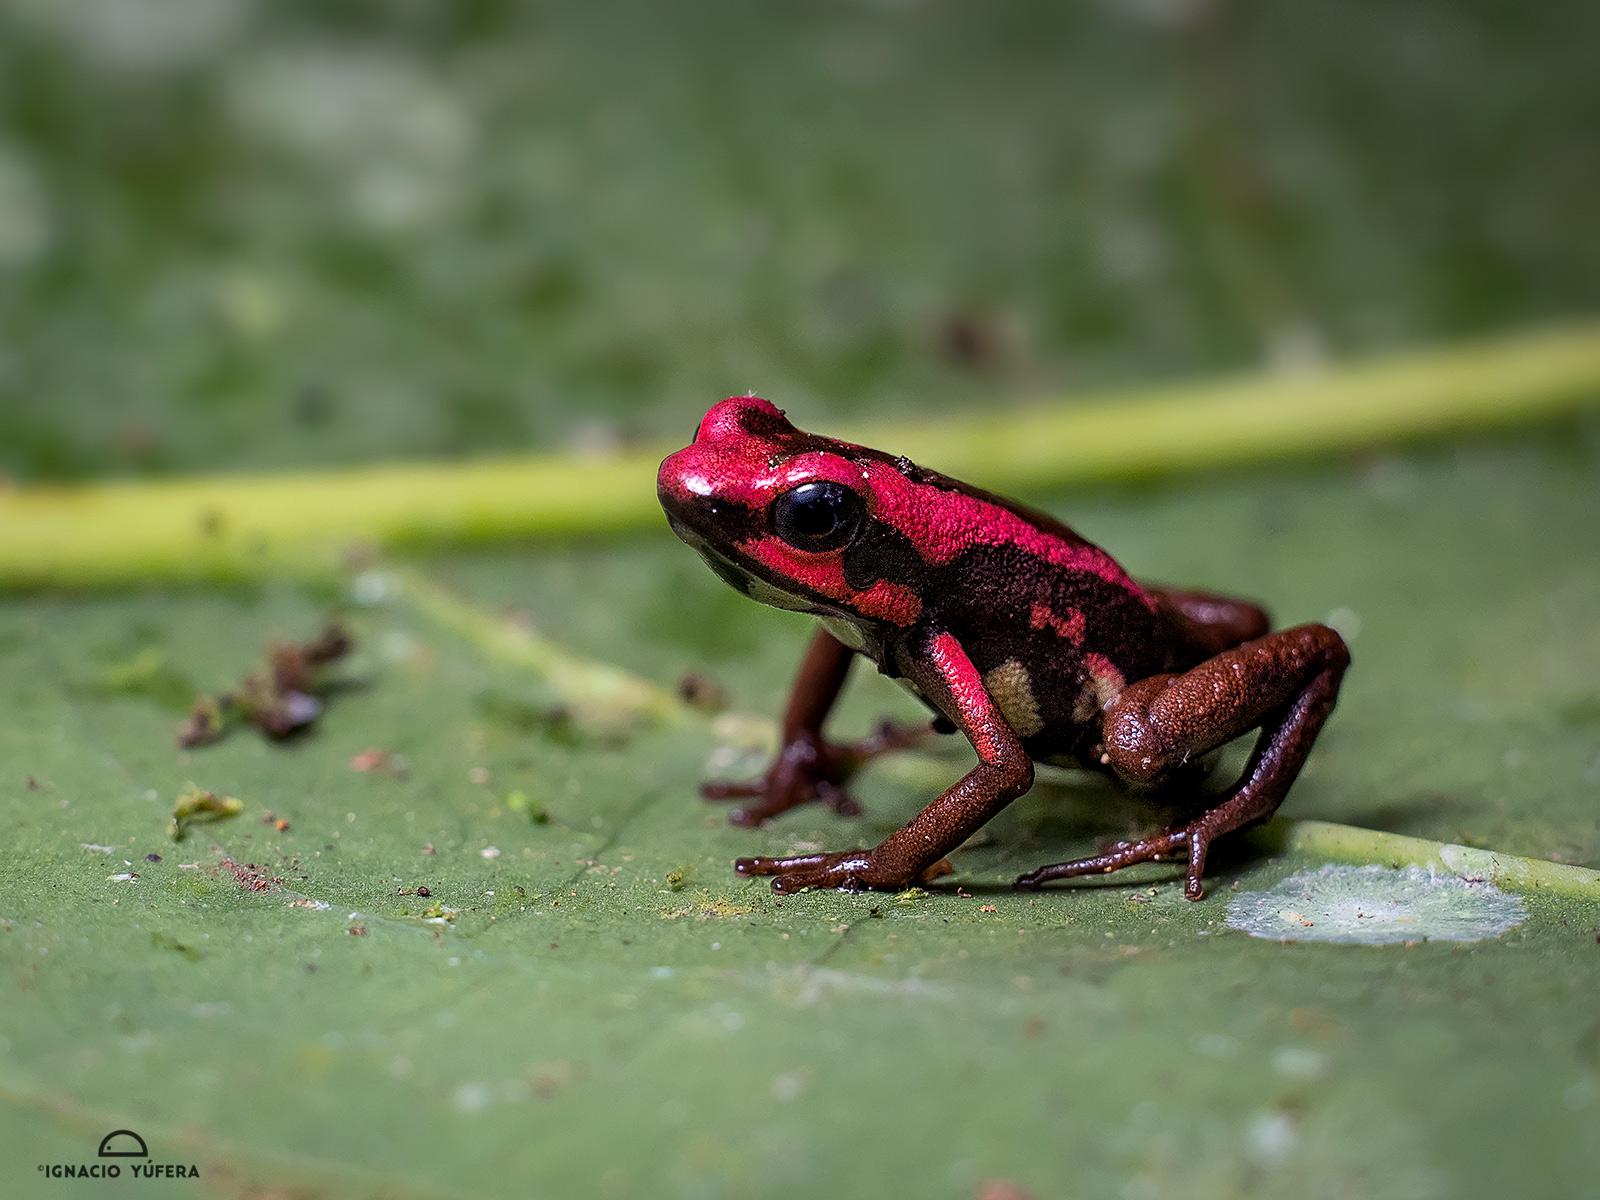 Andean poison-arrow frog (Andinobates bombetes), Barbas-Bremen, Colombia